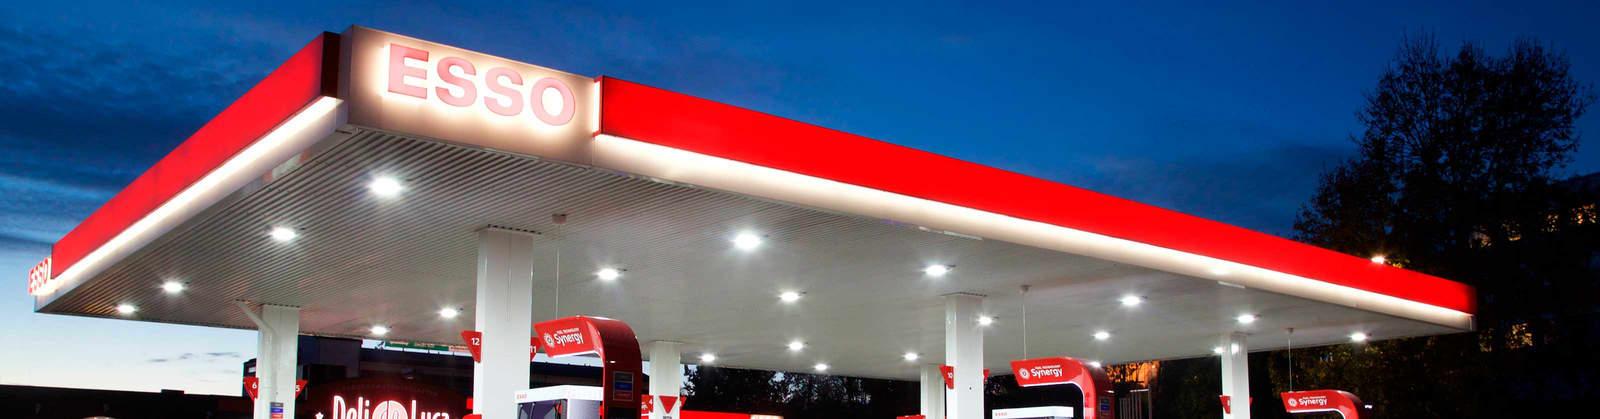 Esso-stasjon i nattemørket